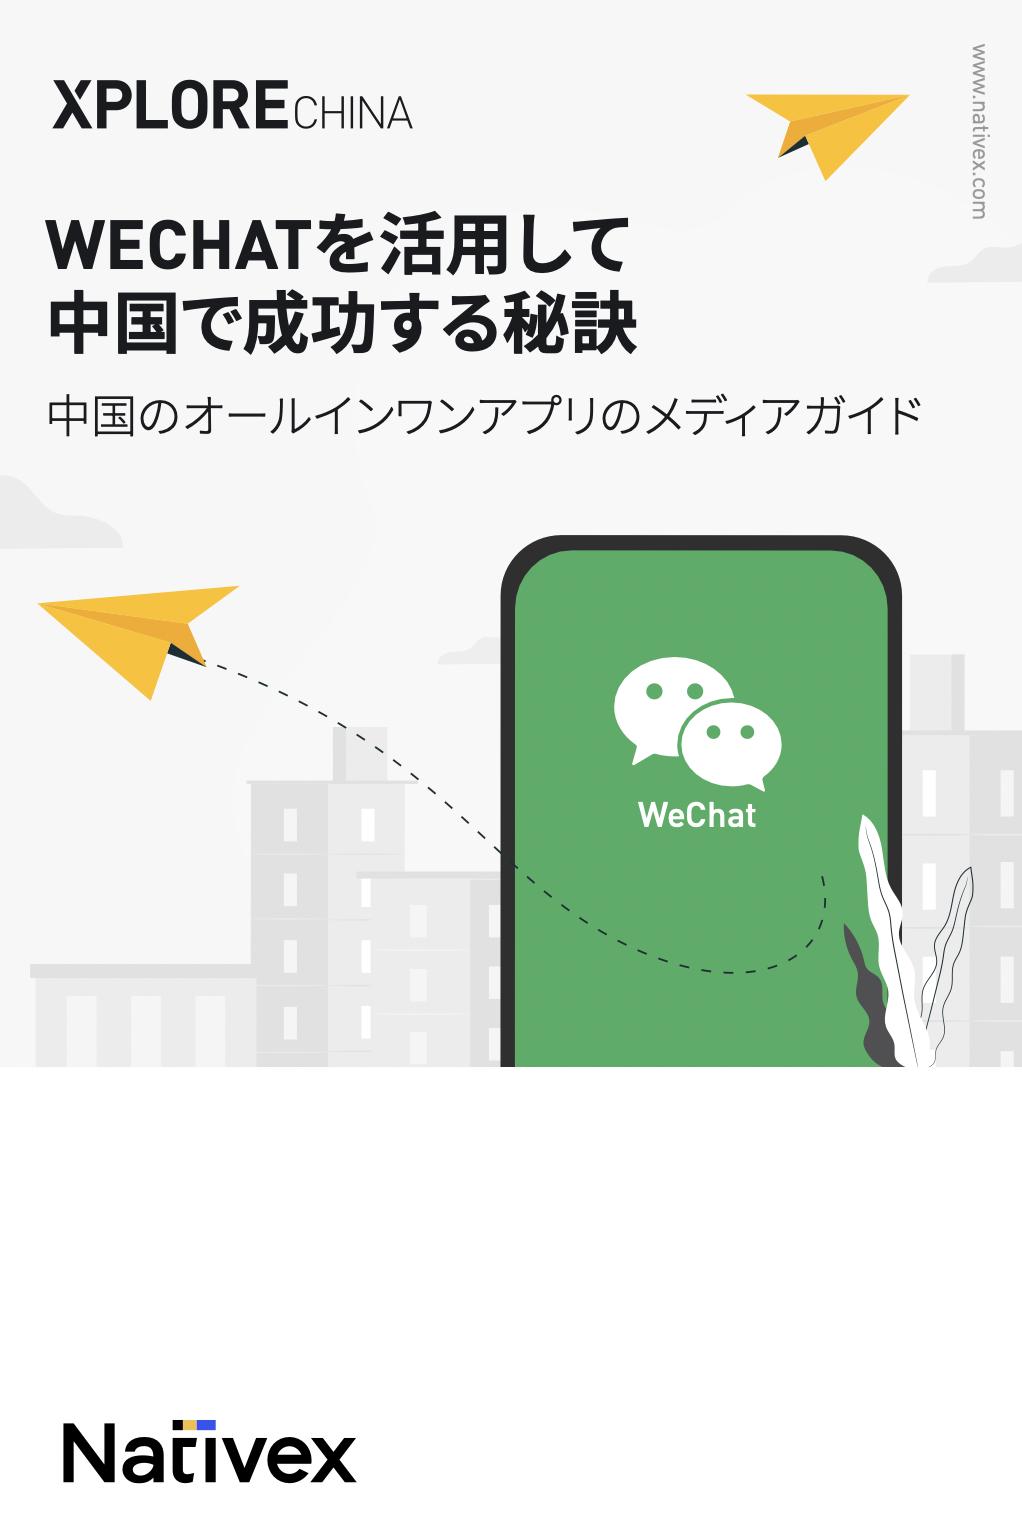 WeChatを活用して中国で成功する秘訣